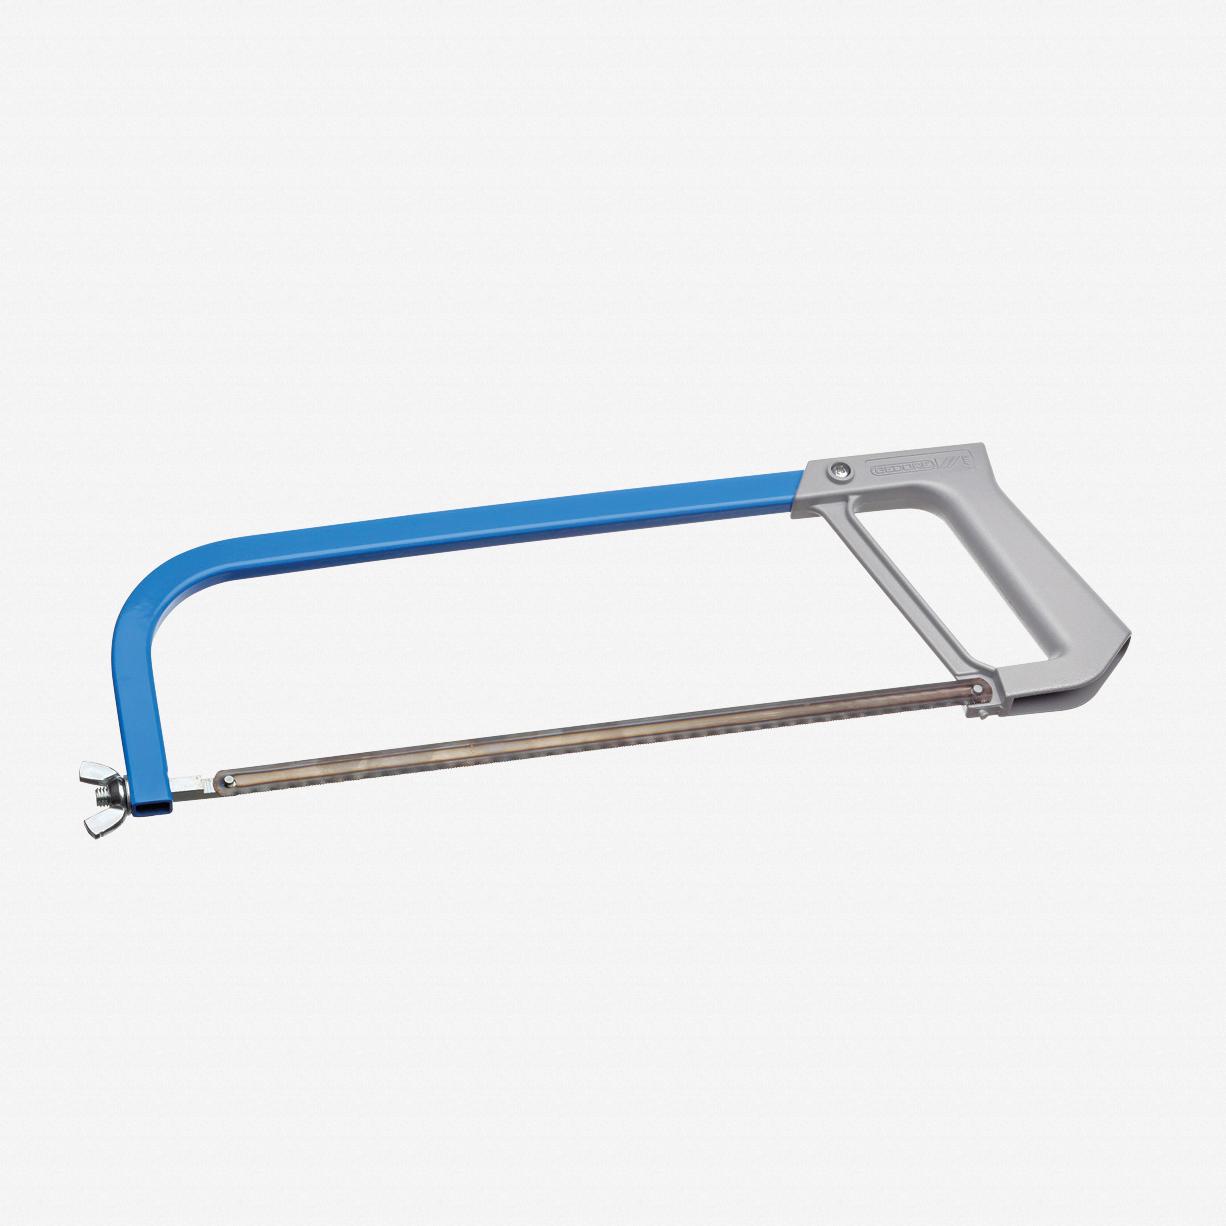 Gedore 403 Hacksaw - KC Tool